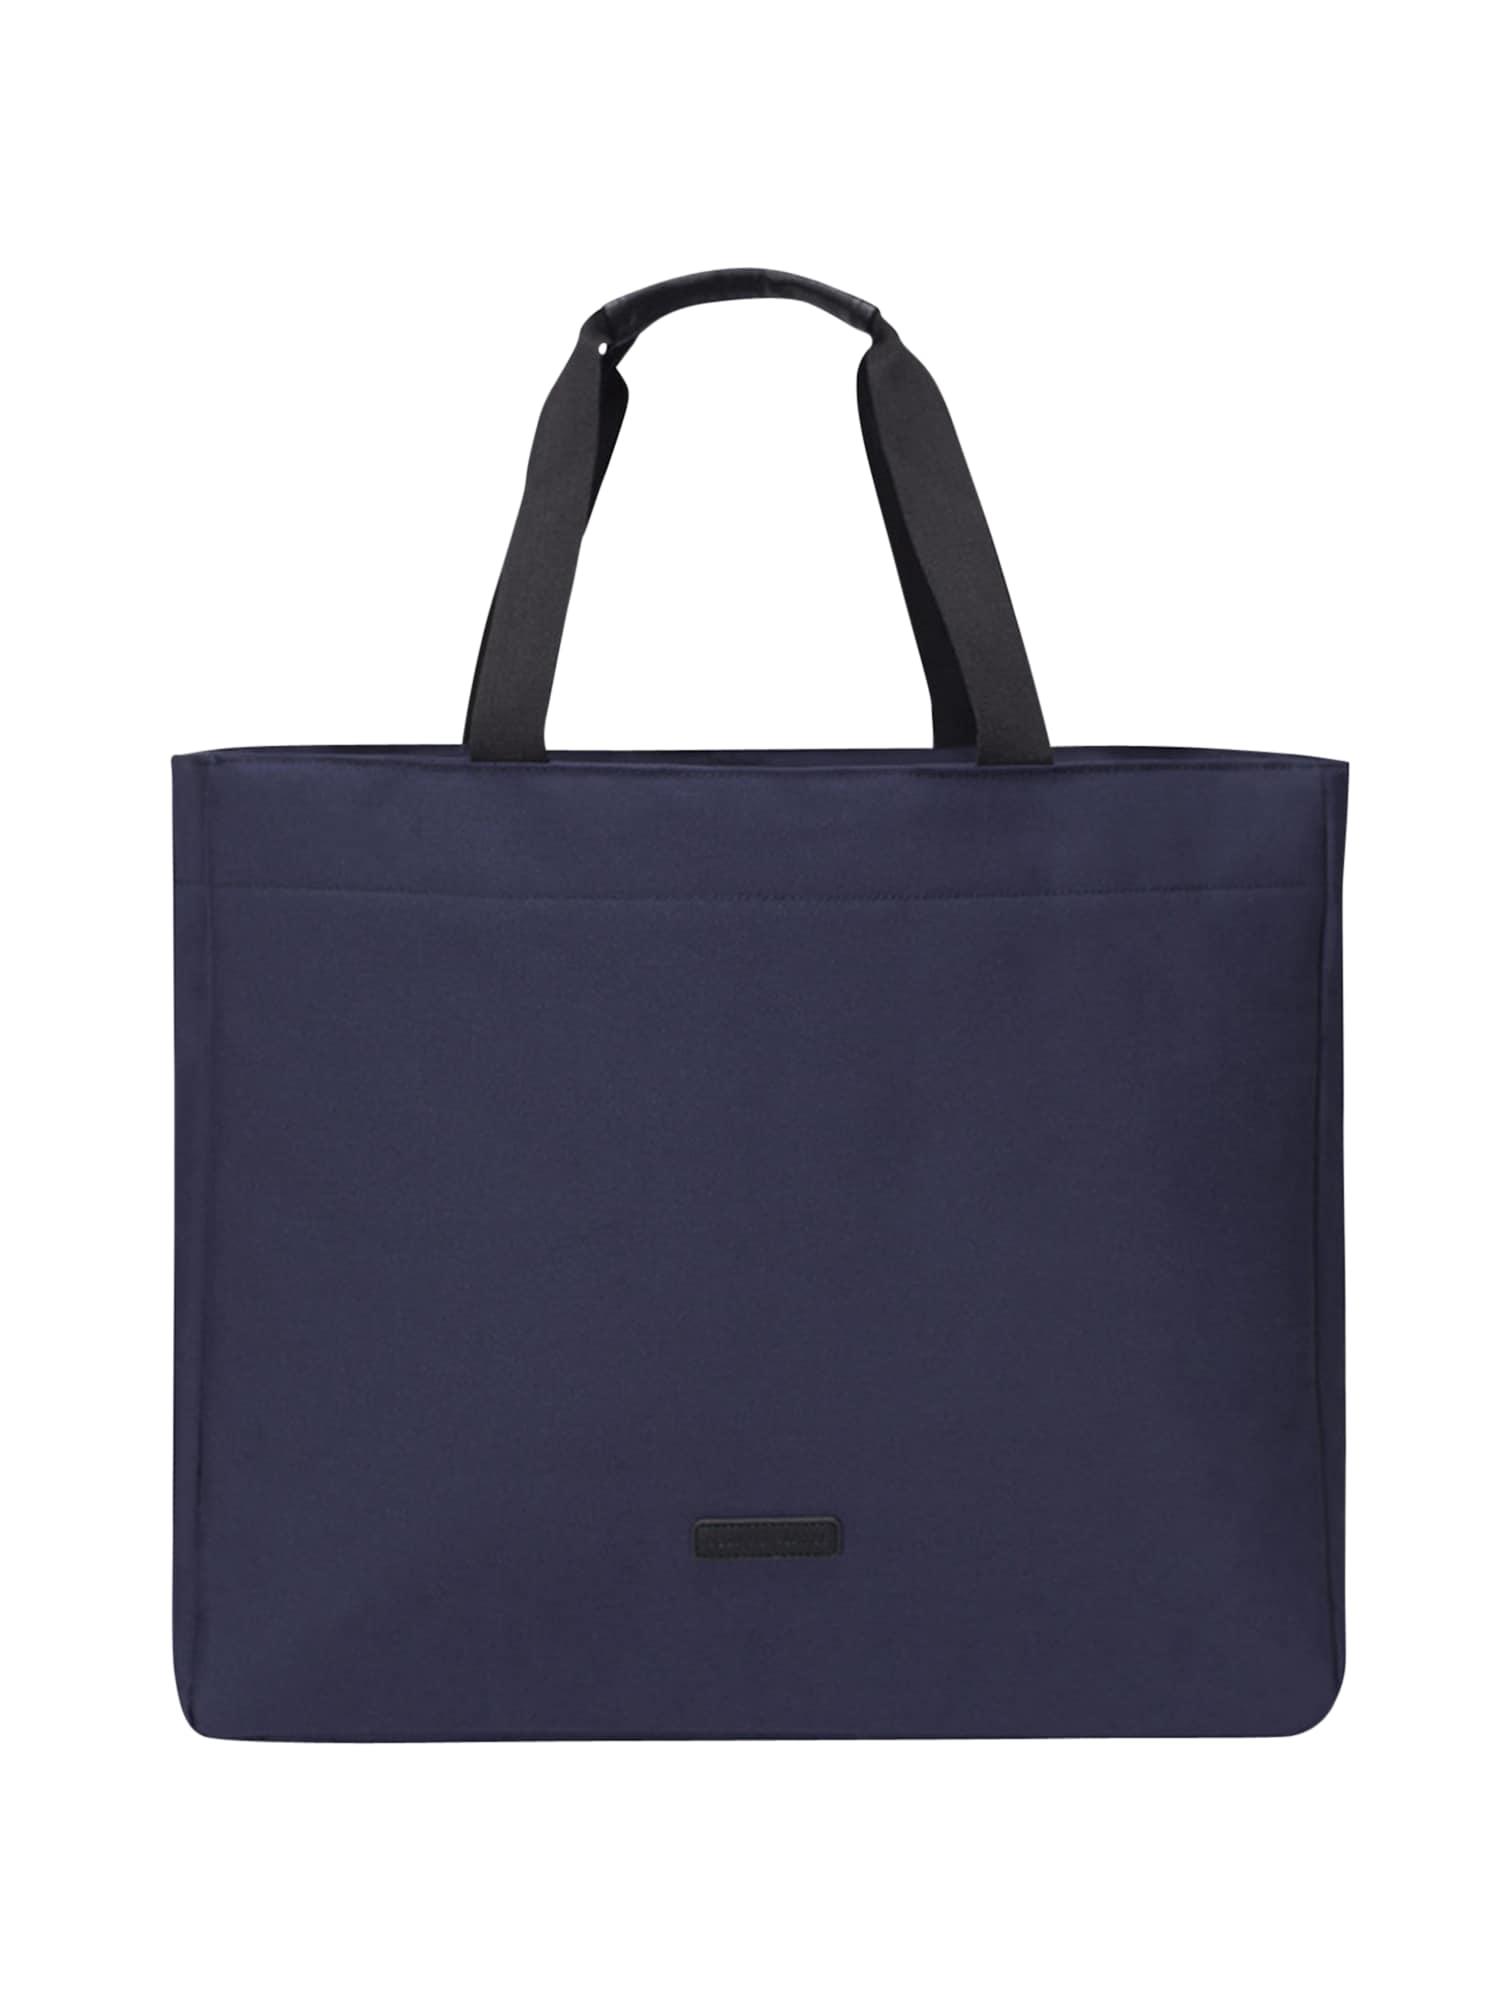 Nákupní taška KIM Bag Stealth námořnická modř noční modrá Ucon Acrobatics